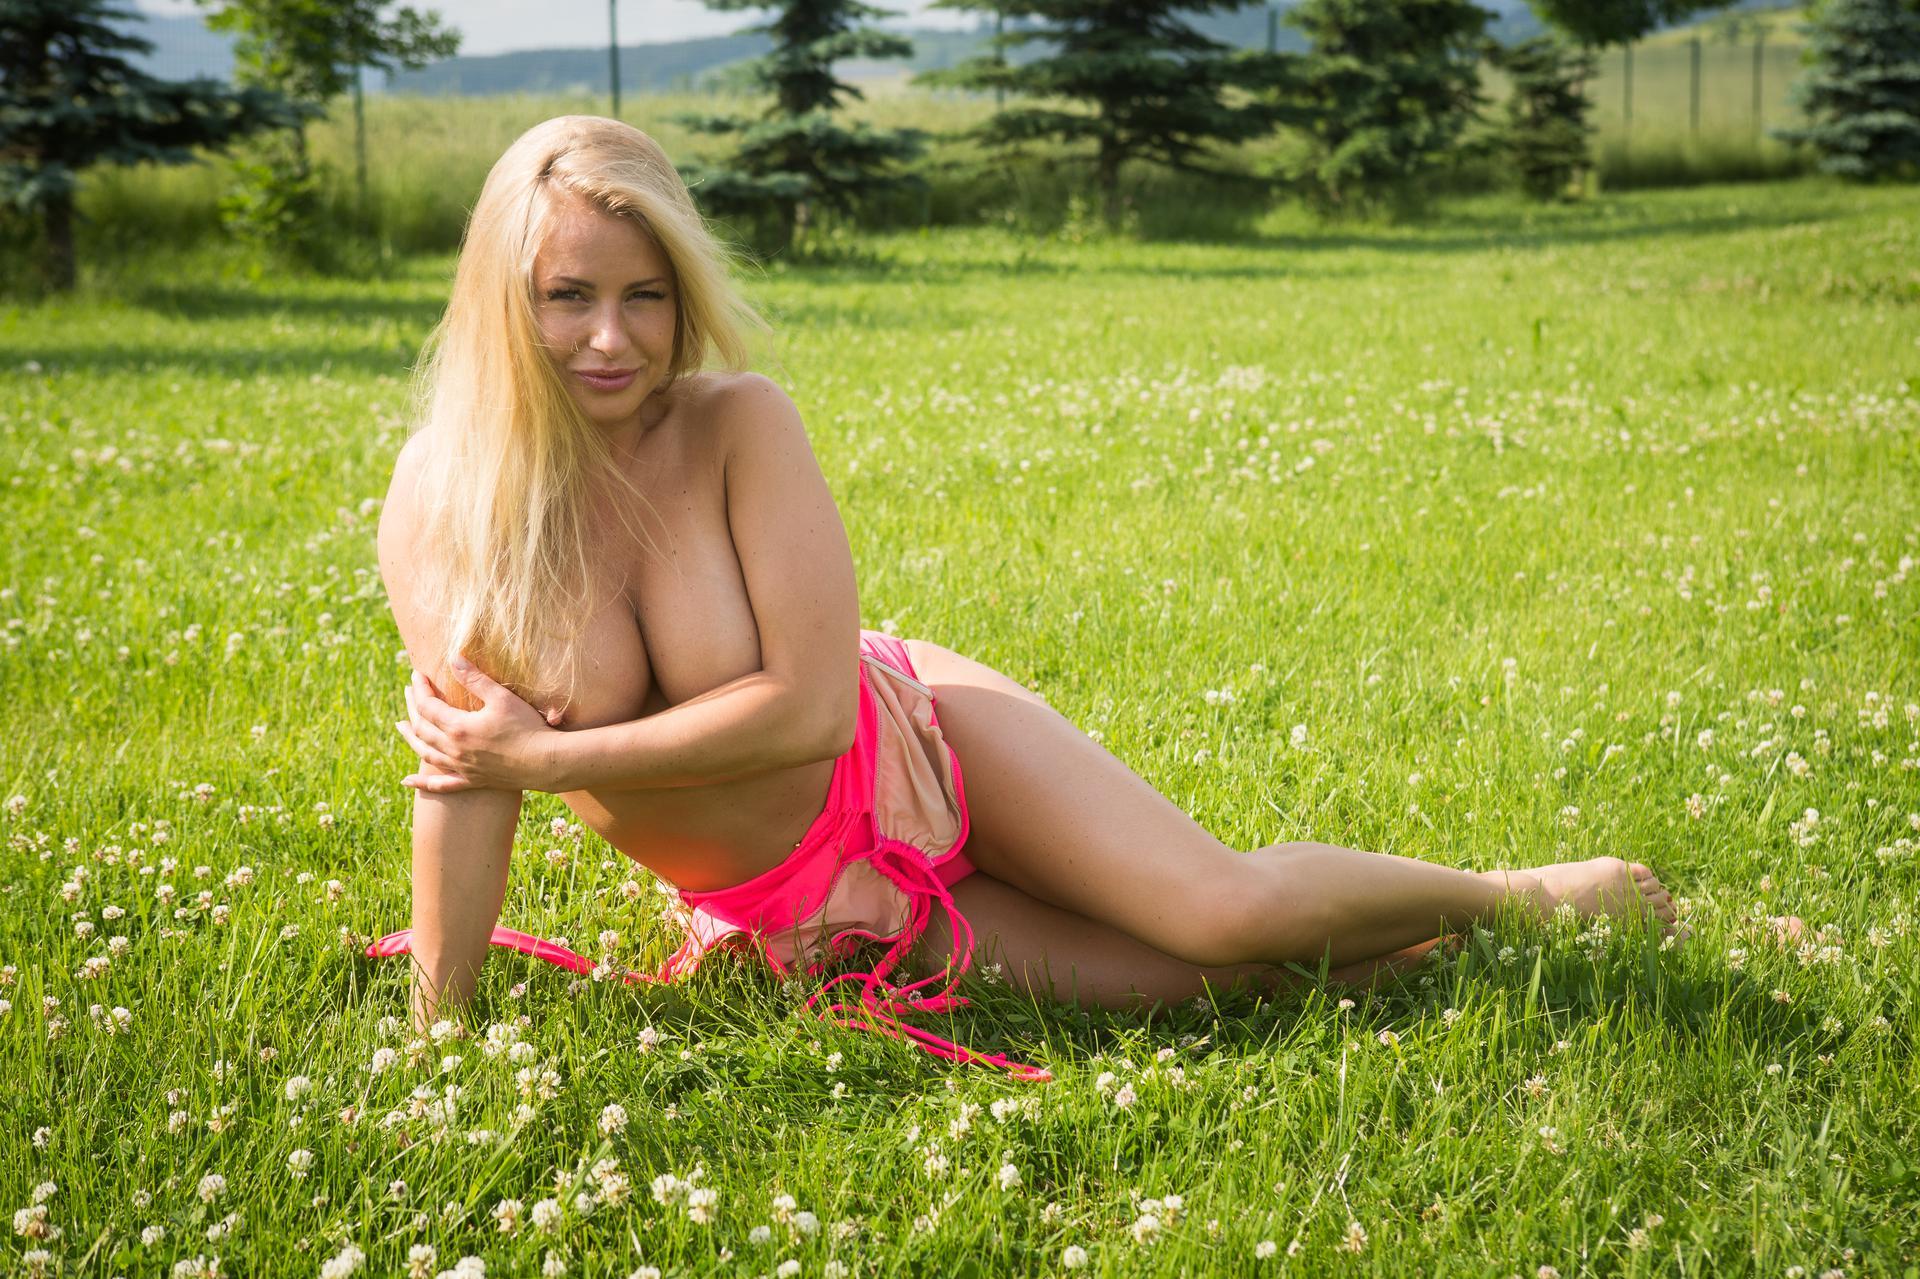 sesja zdjęciowa topless nastolatków